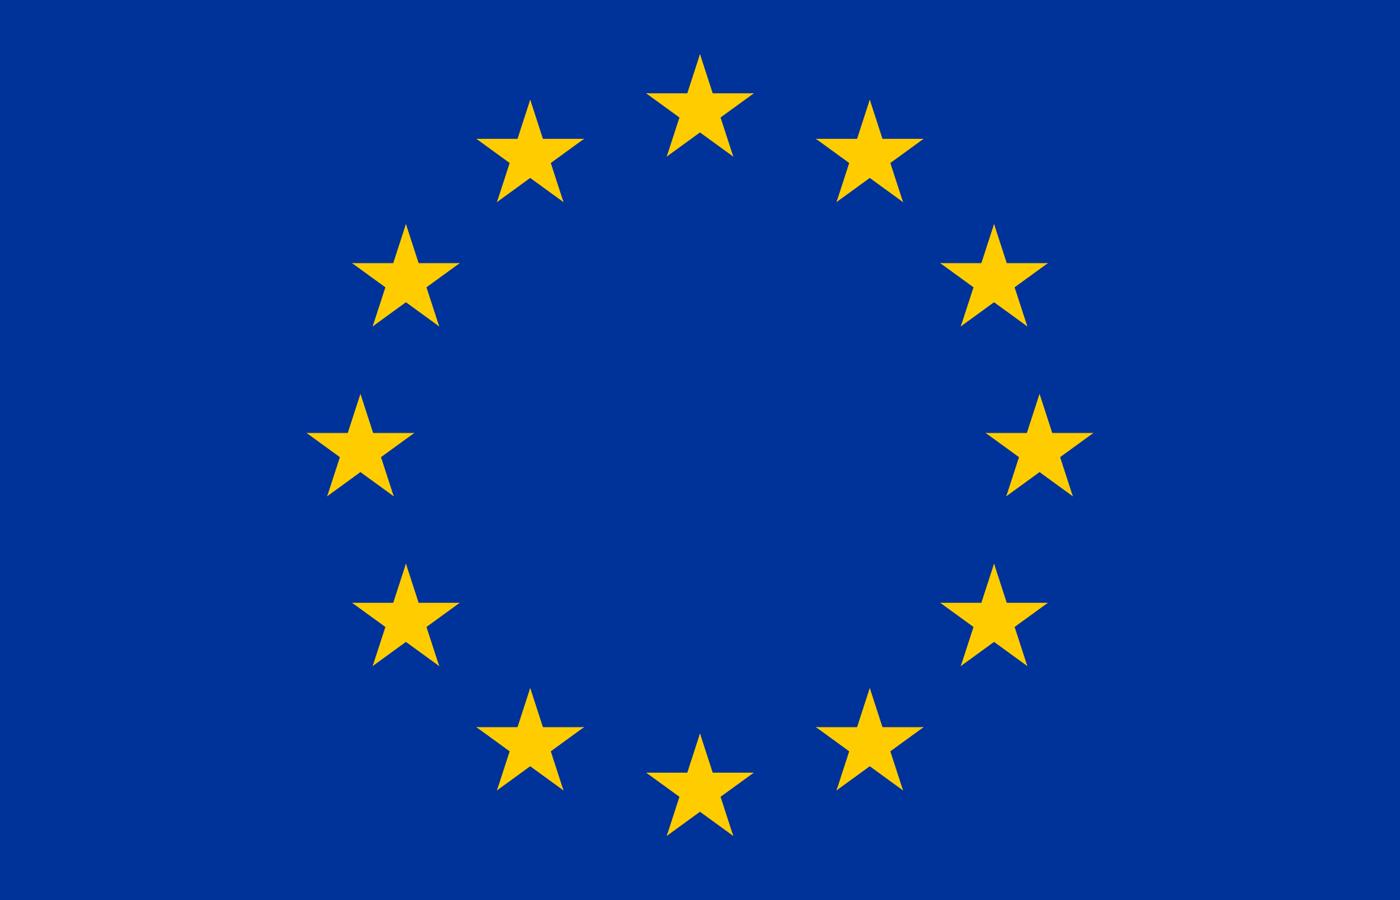 StarCitizenEuropeanUnion